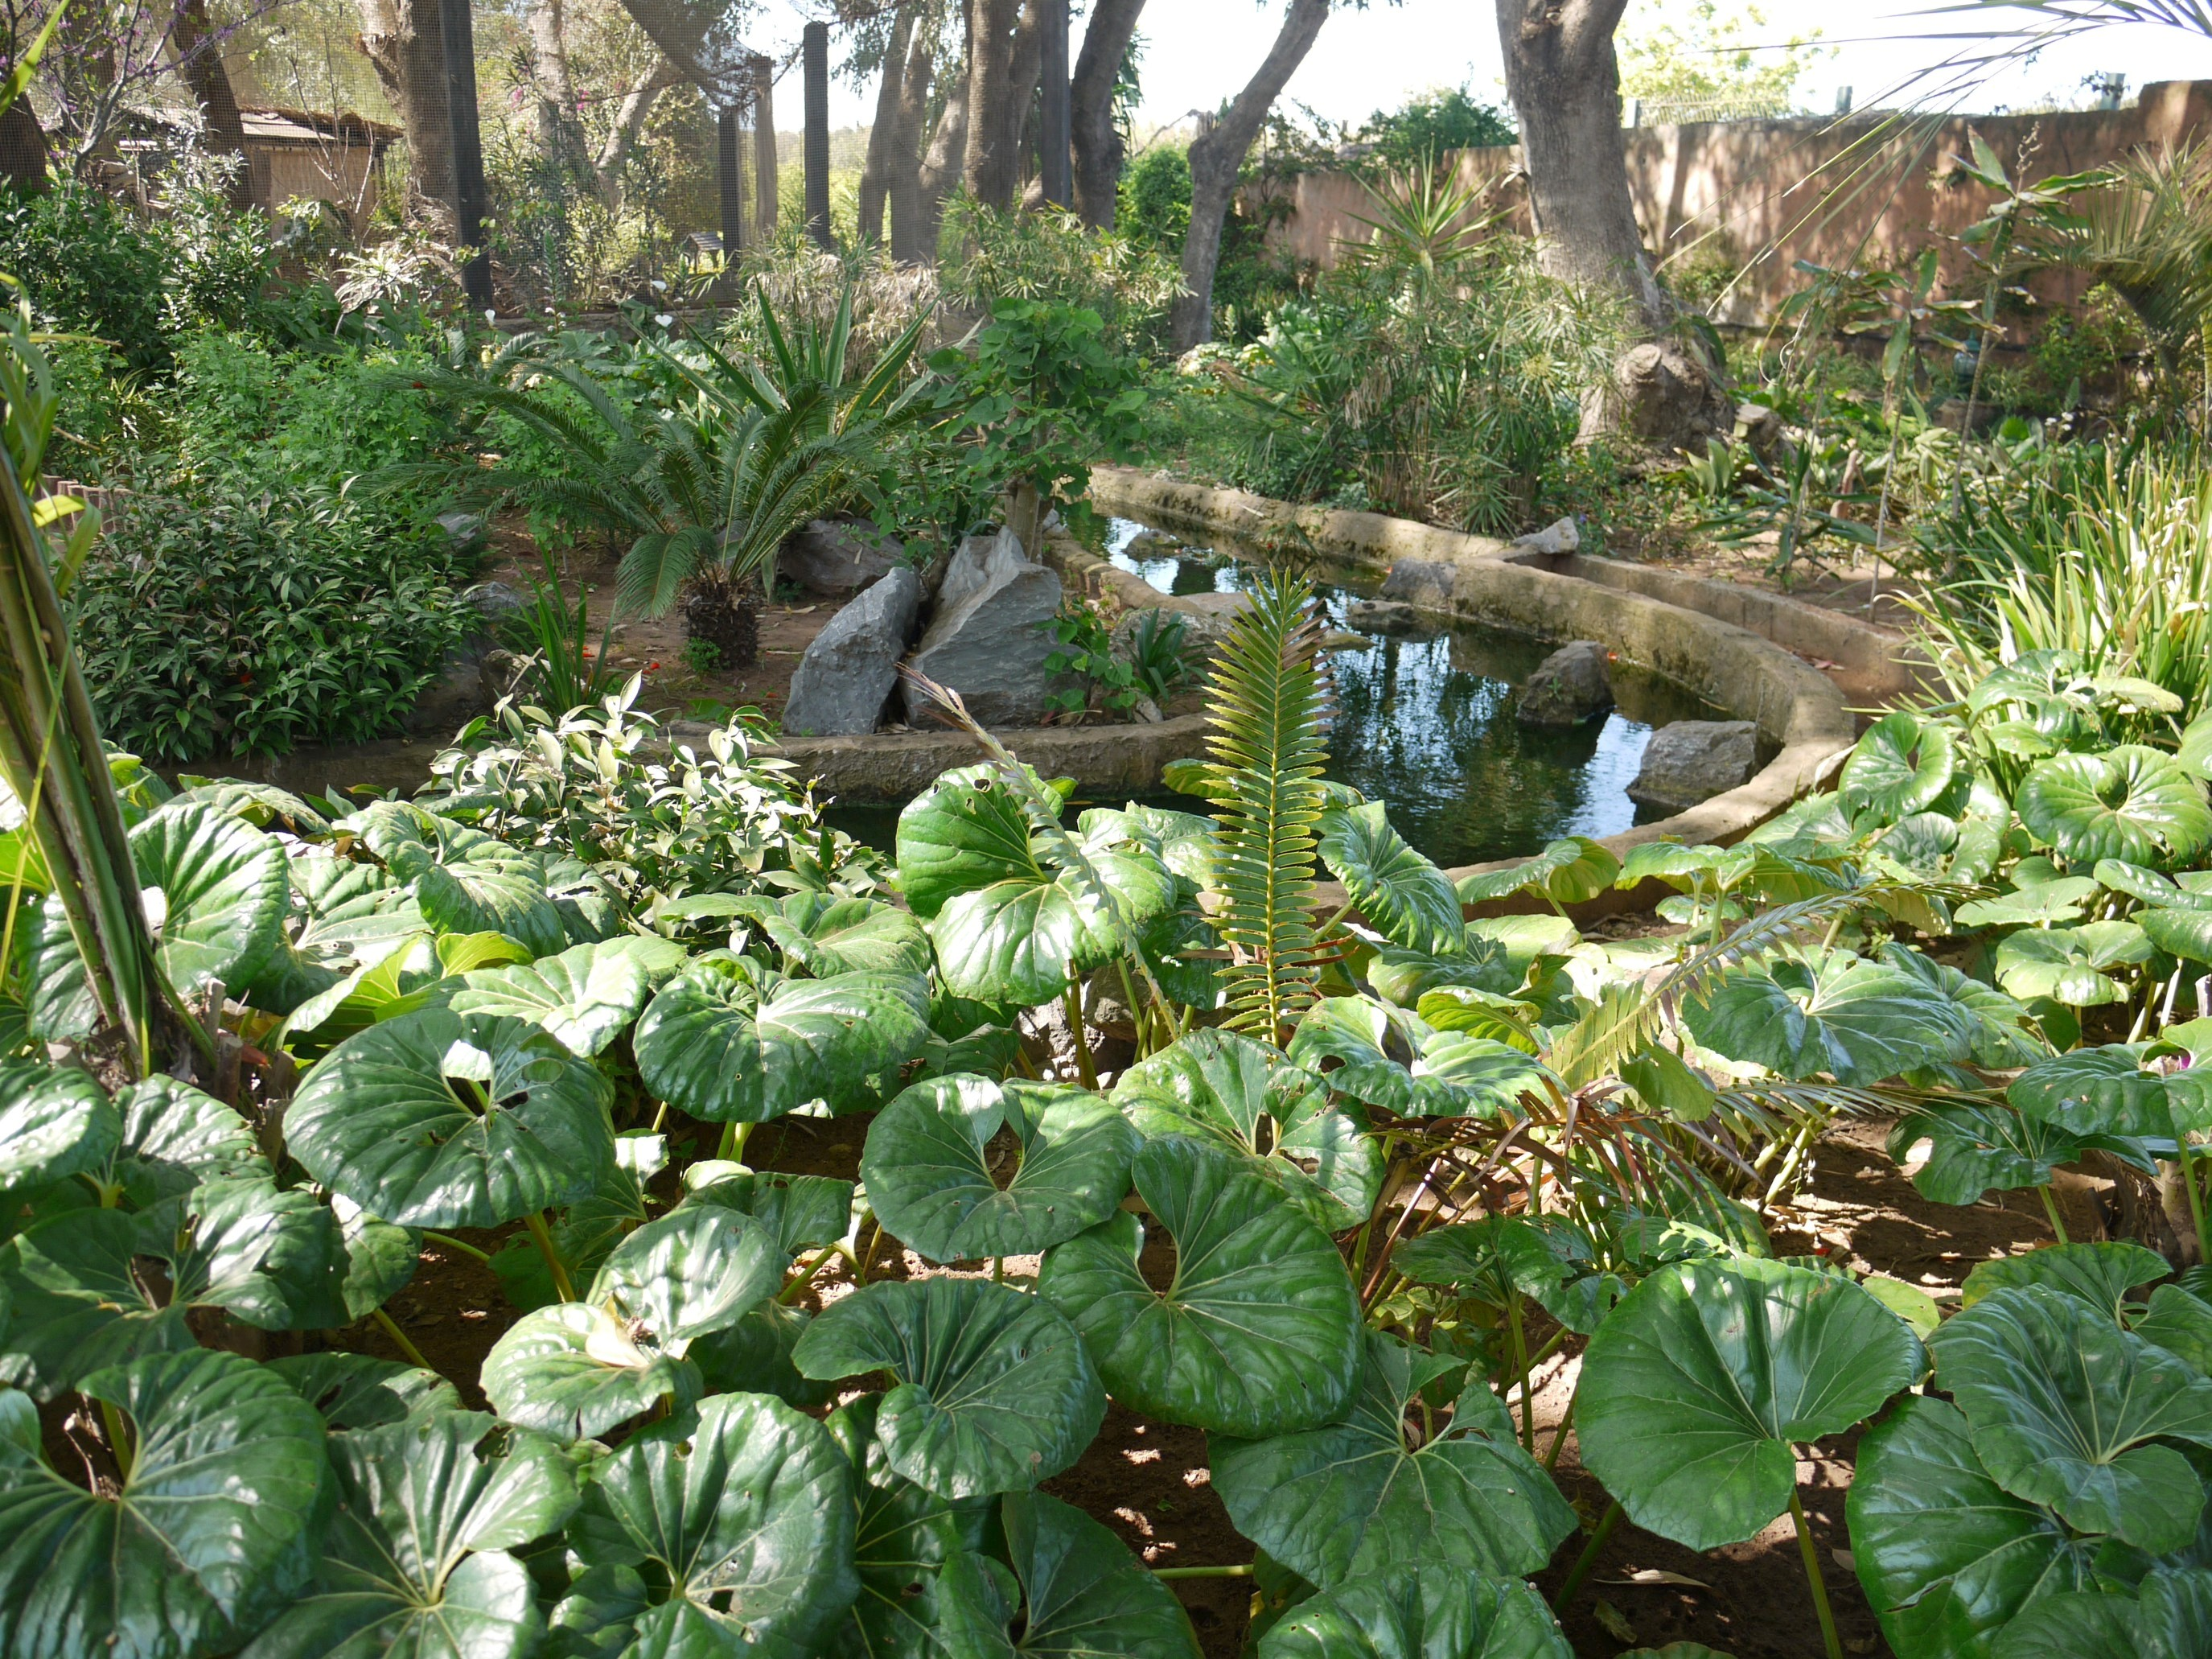 D co jardin exotique rabat nice 26 jardin deden angers jardin des tuileries pokemon go - Cabane de jardin sans dalle aixen provence ...